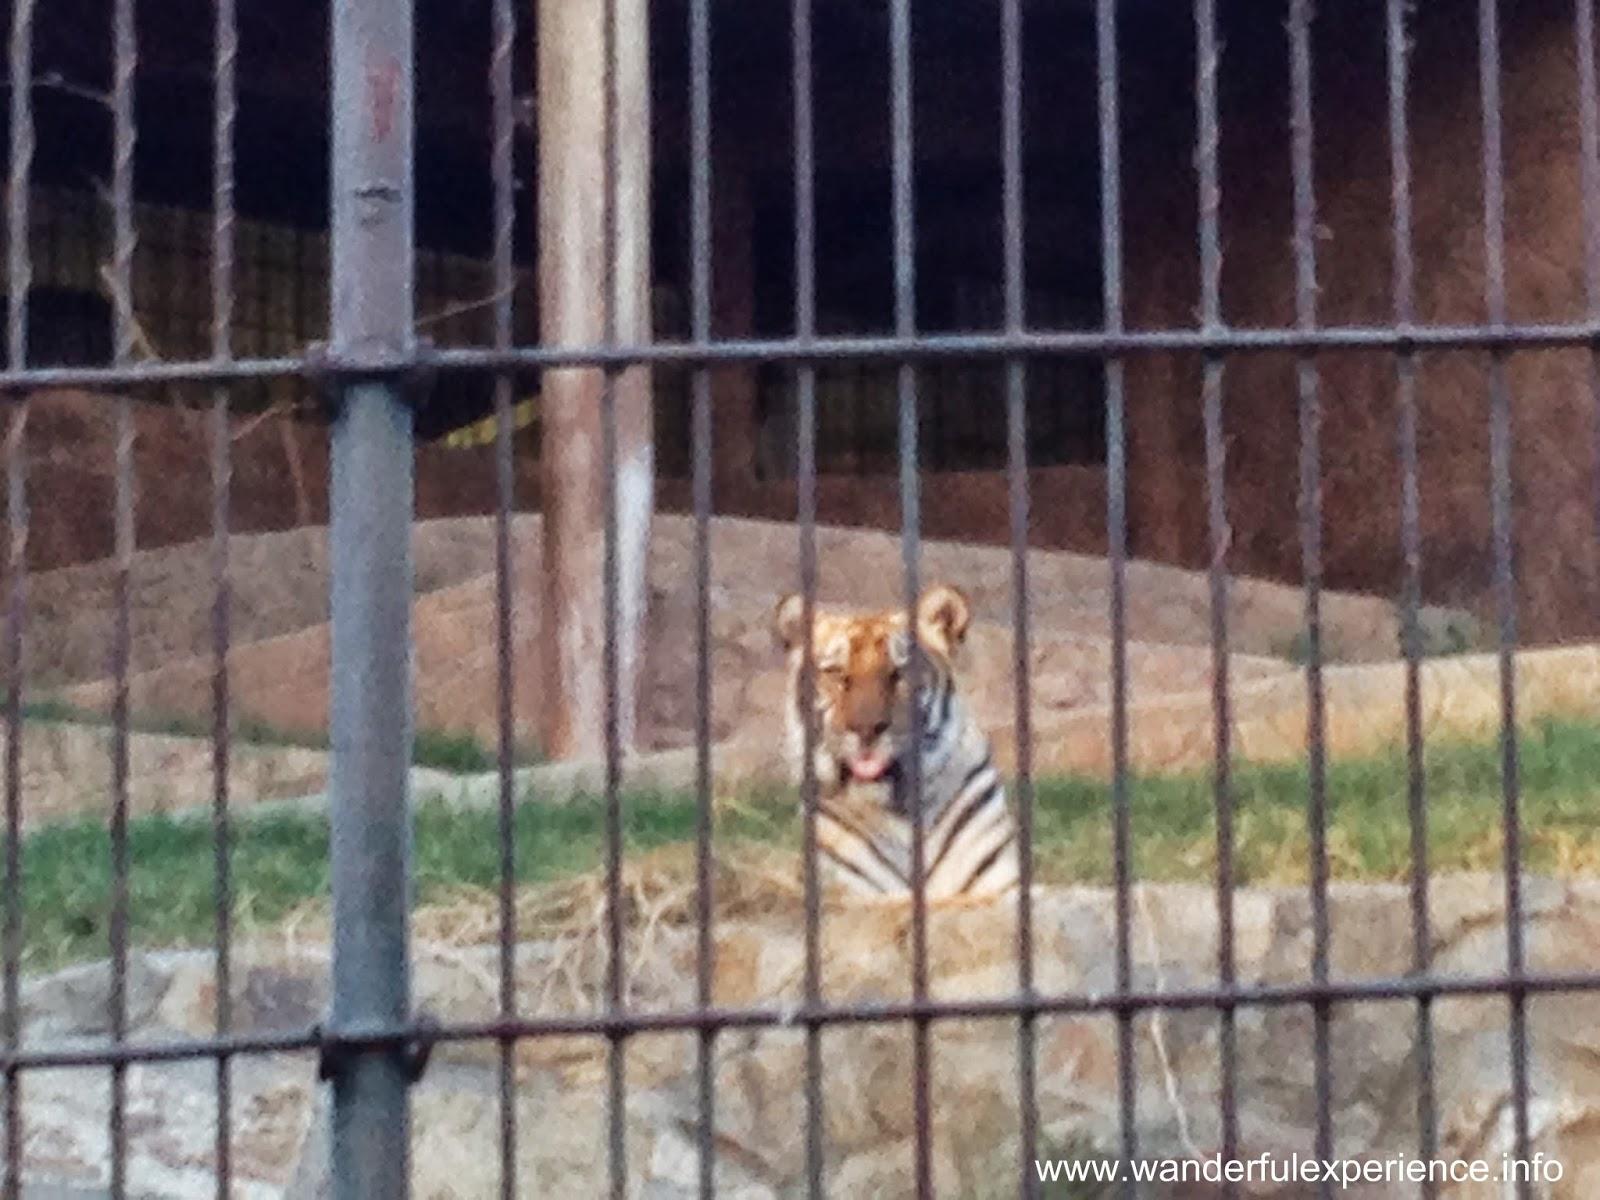 Siberian bengal tiger at Baluarte